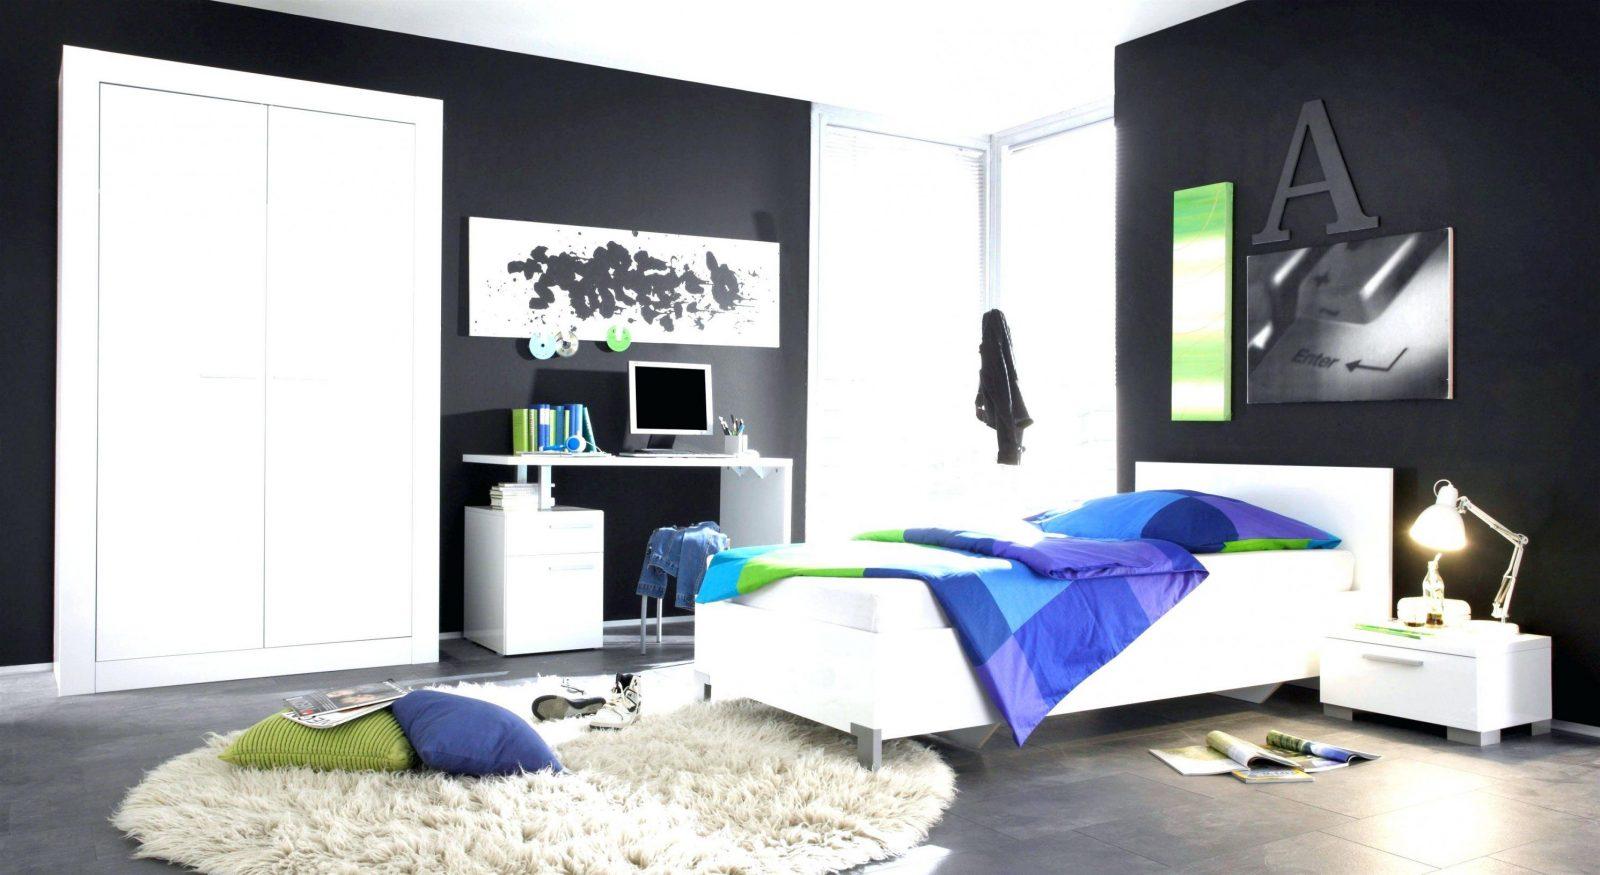 Jugendzimmer Fur Jungs Schanheit Fa 1 4 R Jungen Fein Gestalten von Bilder Jugendzimmer Für Jungs Bild